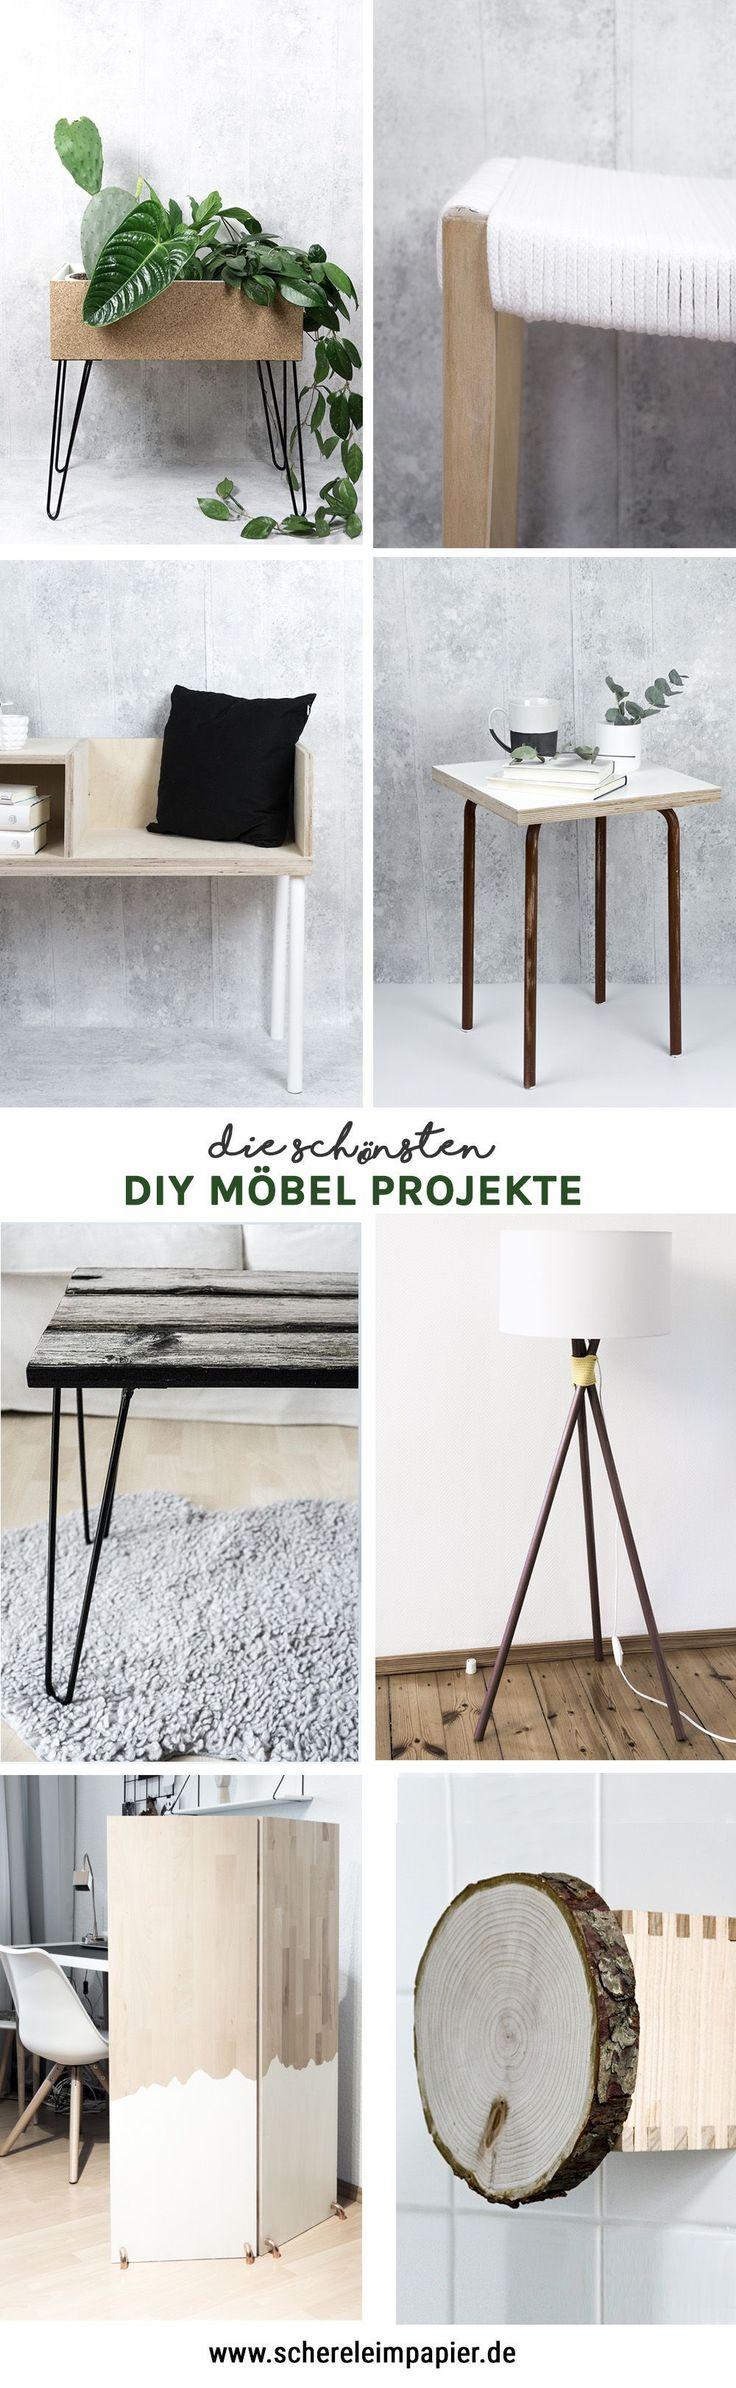 DIY Möbel Ideen: DIY Wohnen - Alle Anleitungen zu finden bei schereleimpapier.de | #diy #diymöbel #möbel |Möbel selber bauen, DIY Tisch, DIY Hocker, Einrichtung selber machen, Lampe selber bauen #LampDys